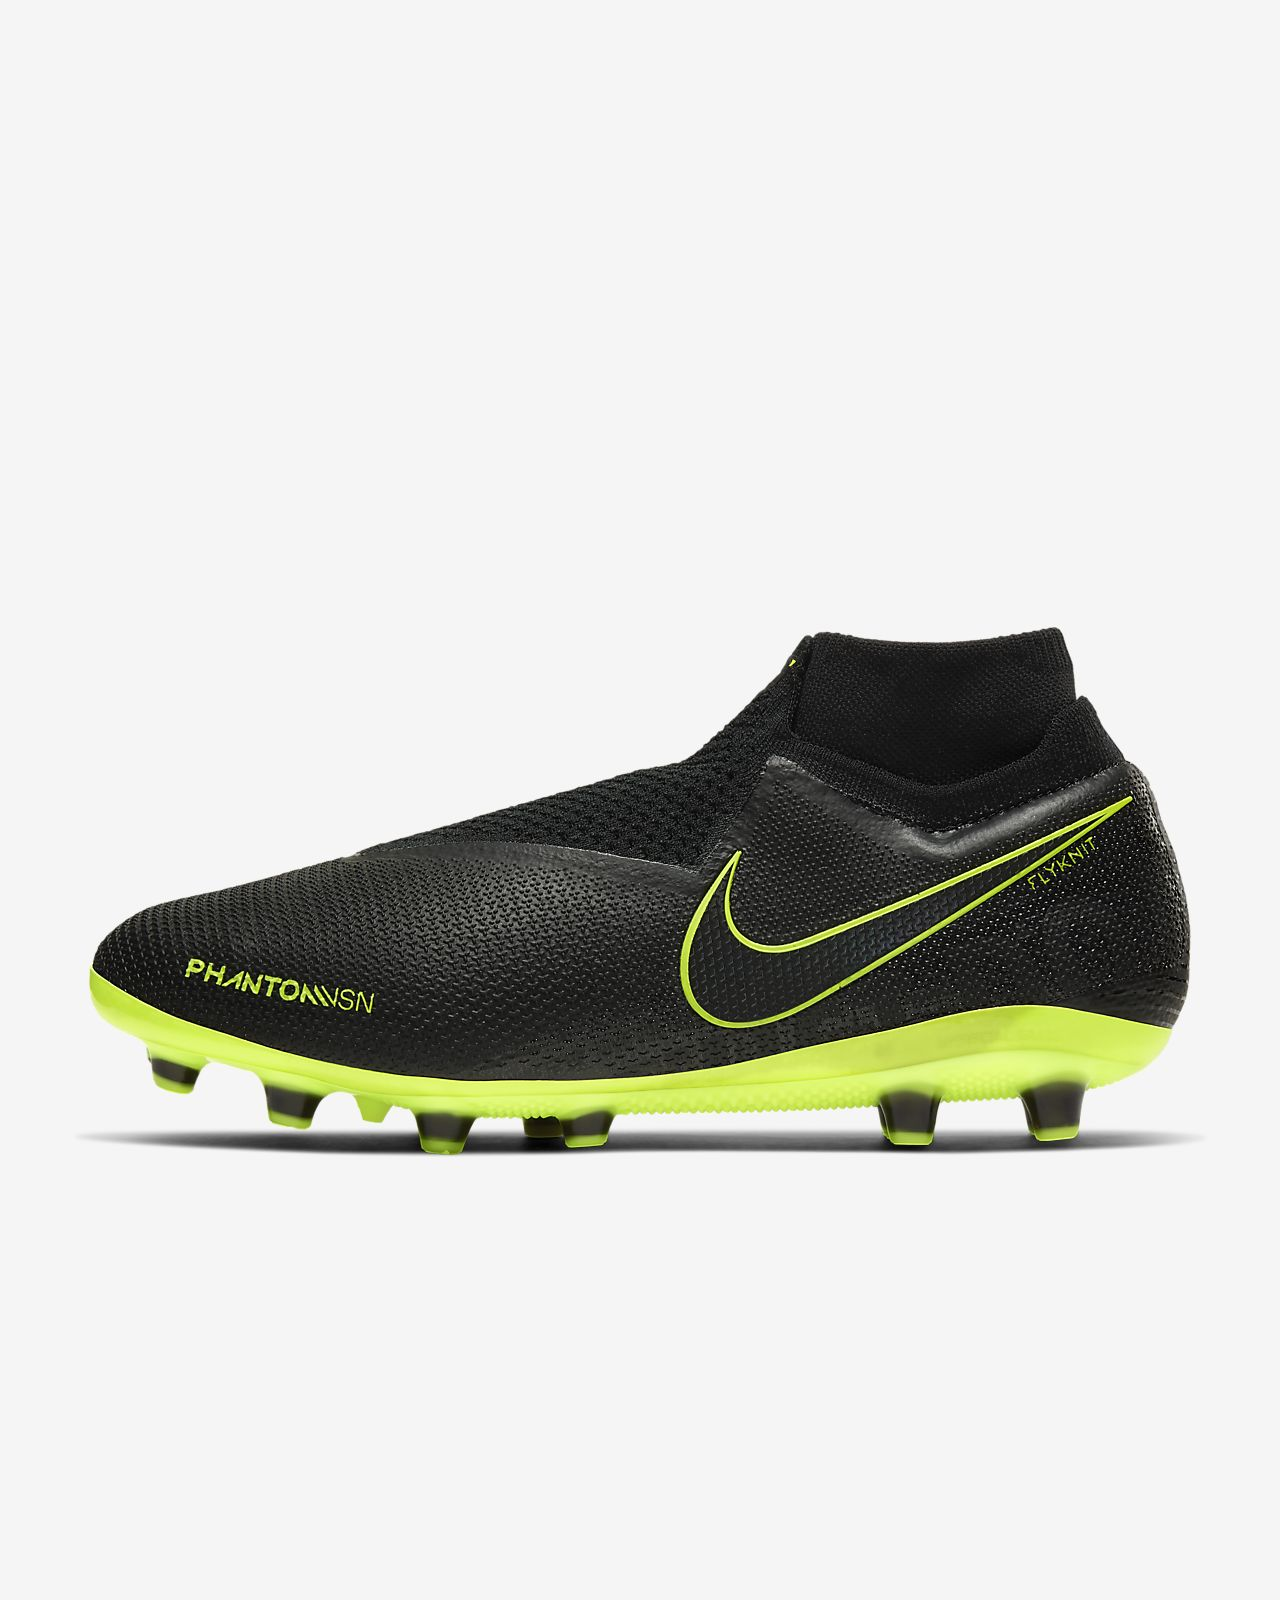 Chaussure de football à crampons pour terrain synthétique Nike Phantom Vision Elite Dynamic Fit